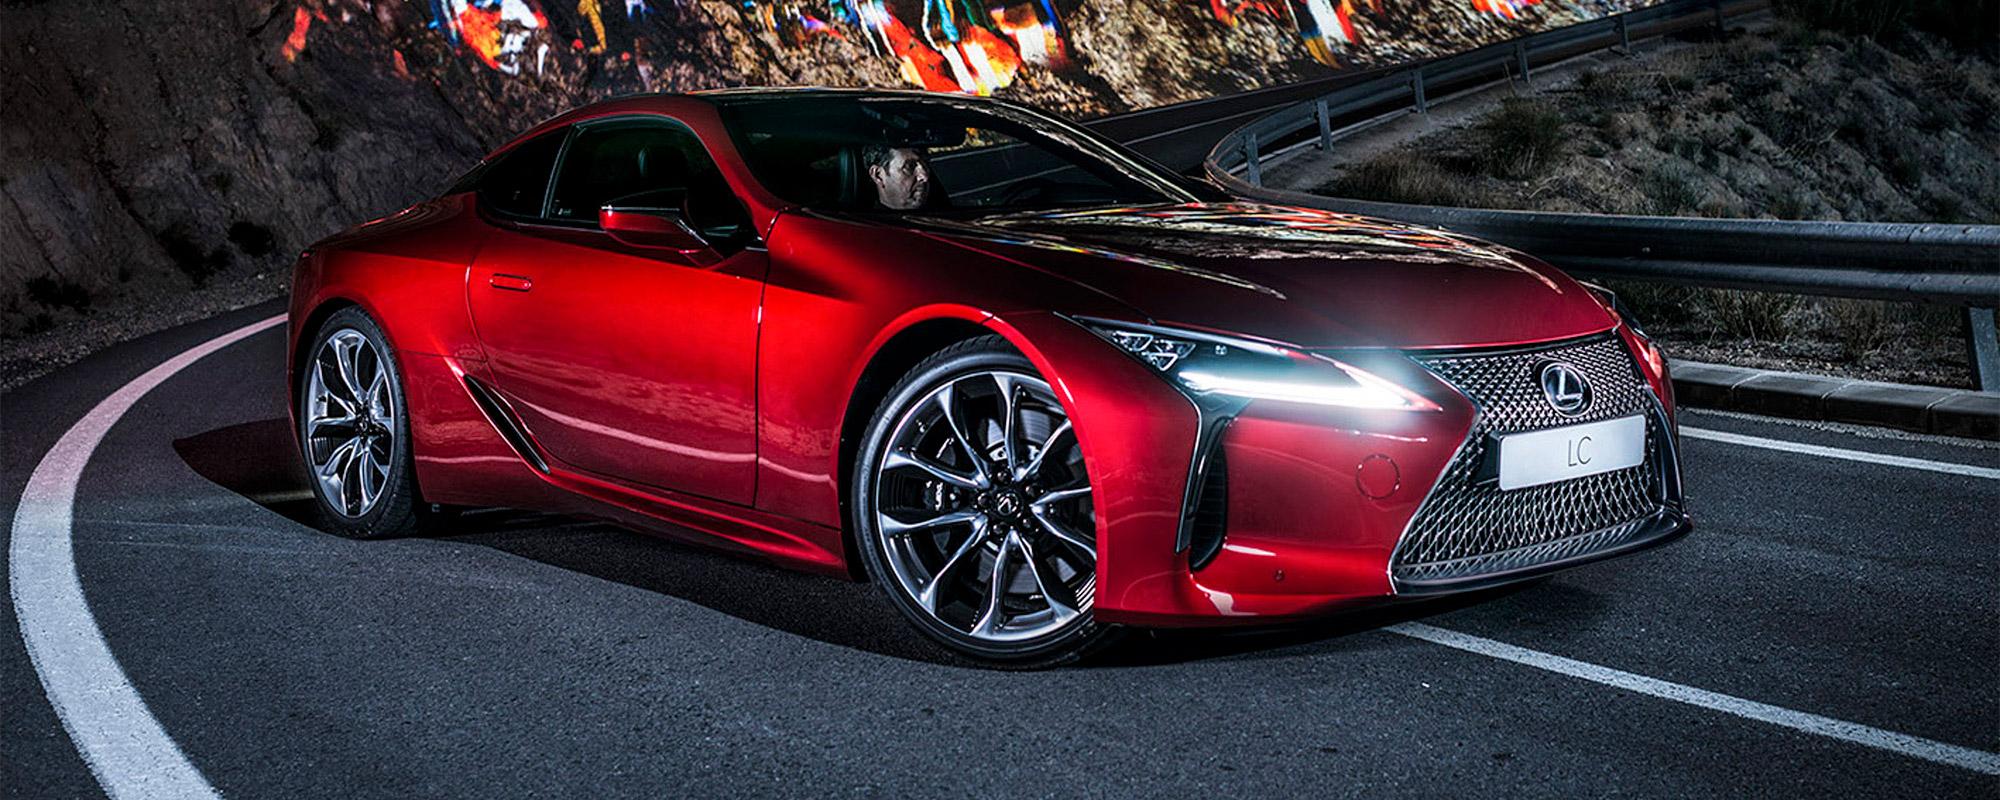 Lexus geeft prijzen sensationeel gelijnde coupé LC vrij